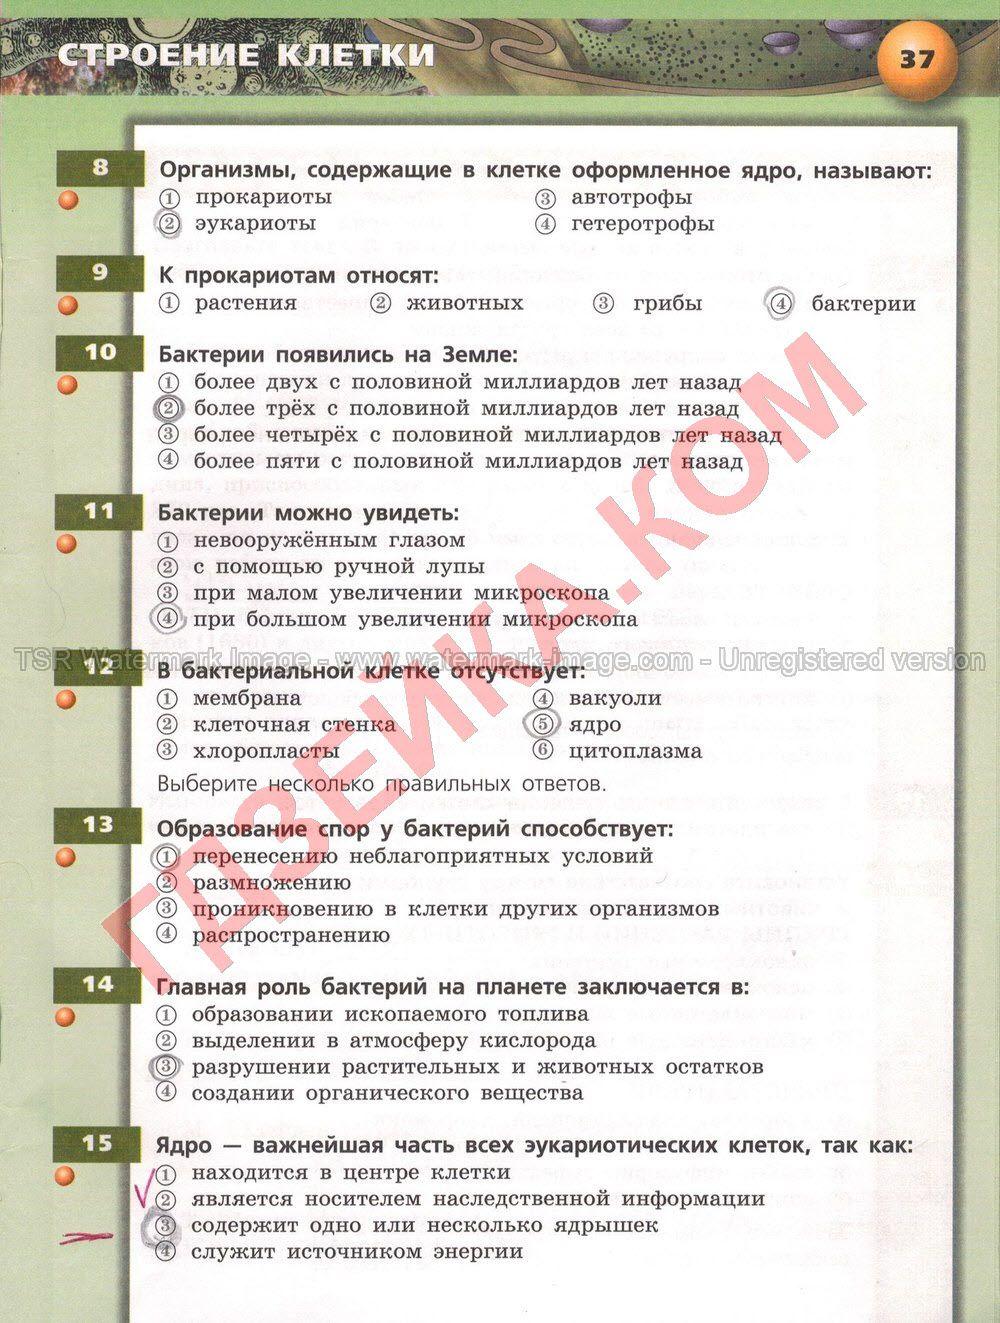 Решебник по украинскому языку 3 класс домашнее задание